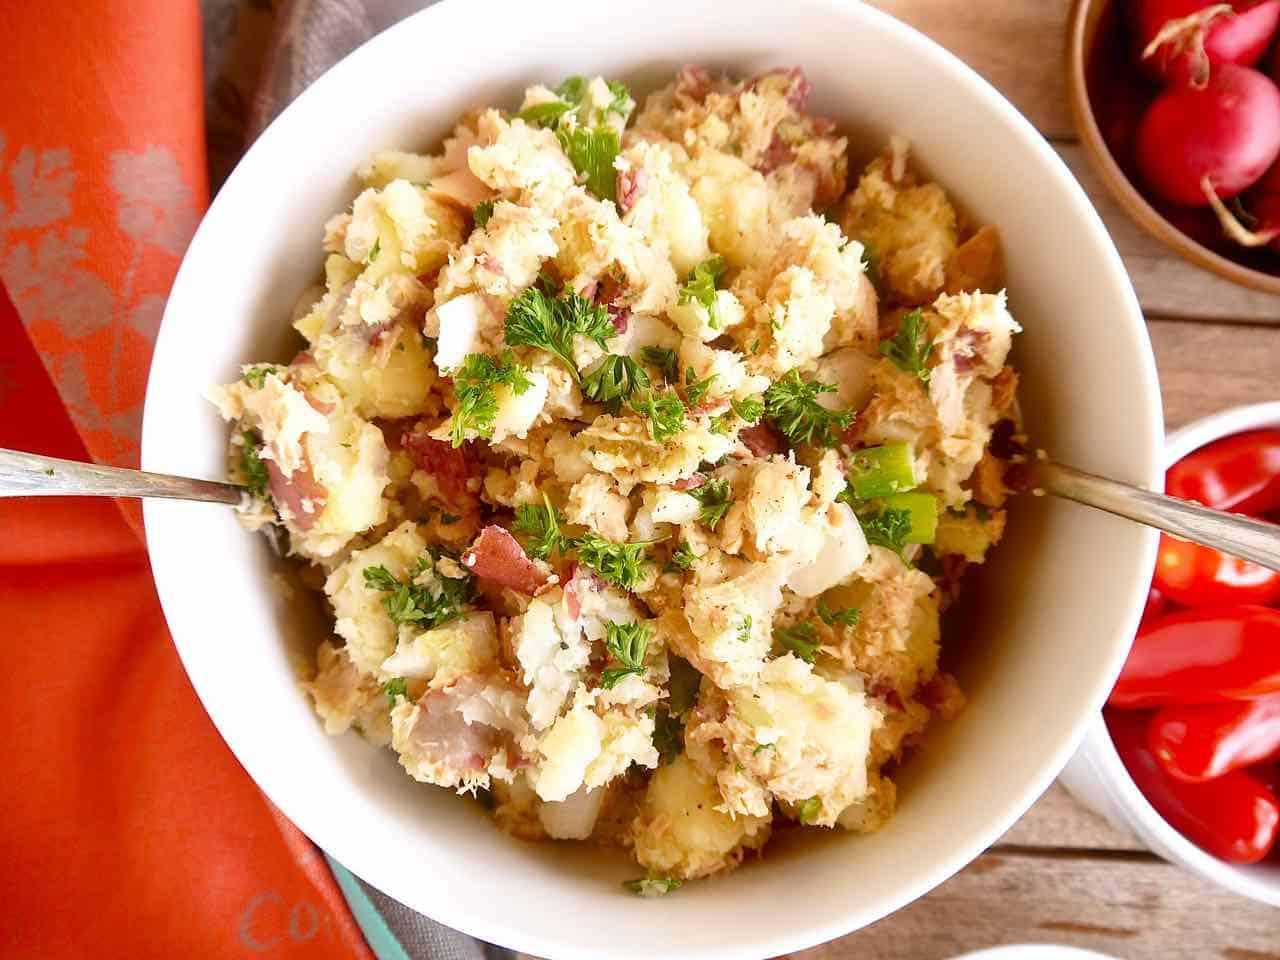 French Potato And Tuna Salad Paleo Whole30